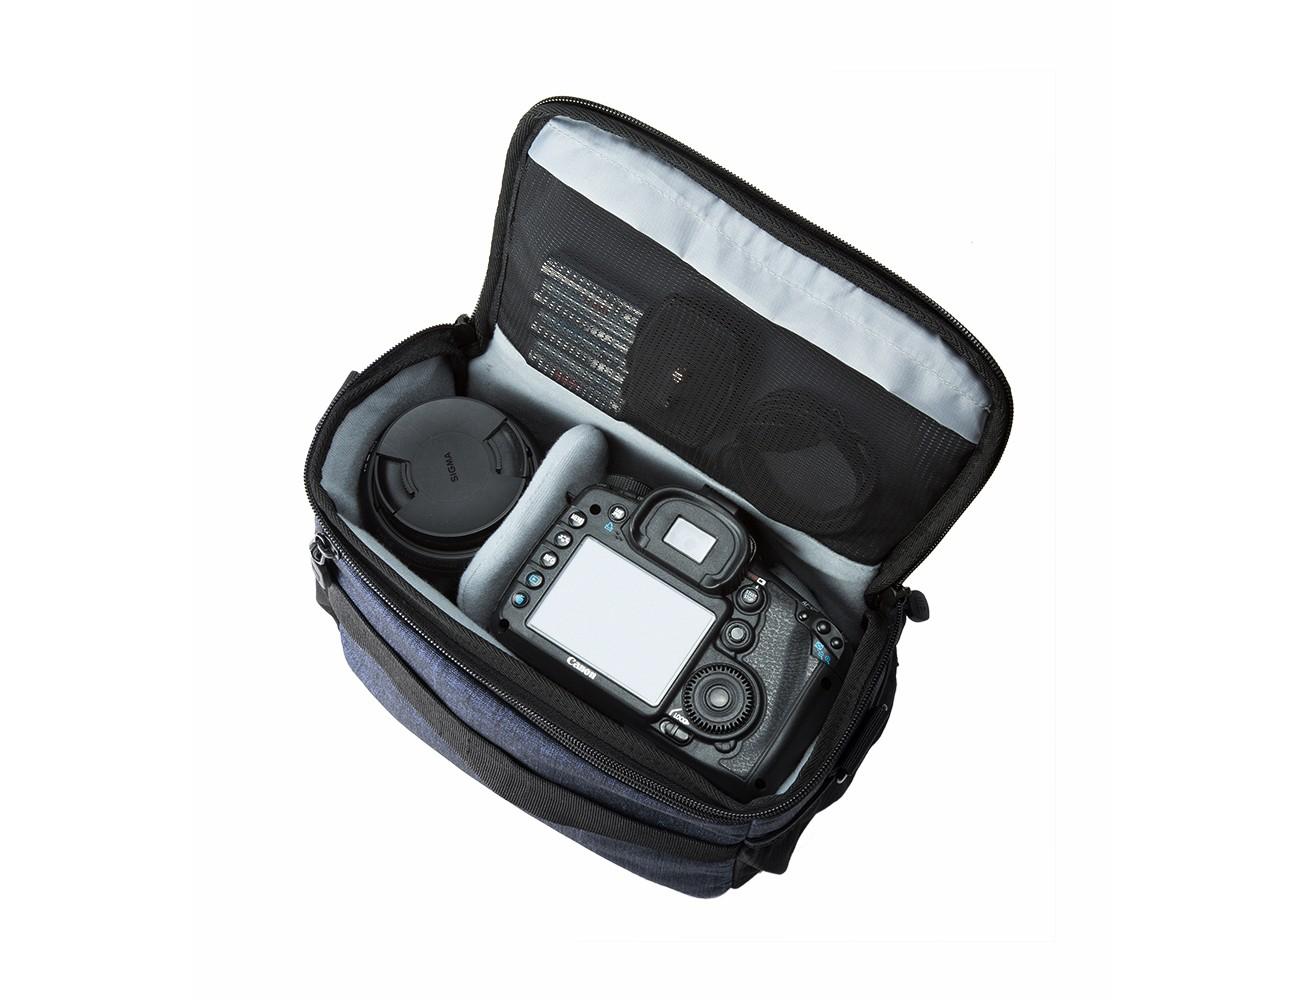 DSLR Shoulder Bags Manufacturers, DSLR Shoulder Bags Factory, Supply DSLR Shoulder Bags